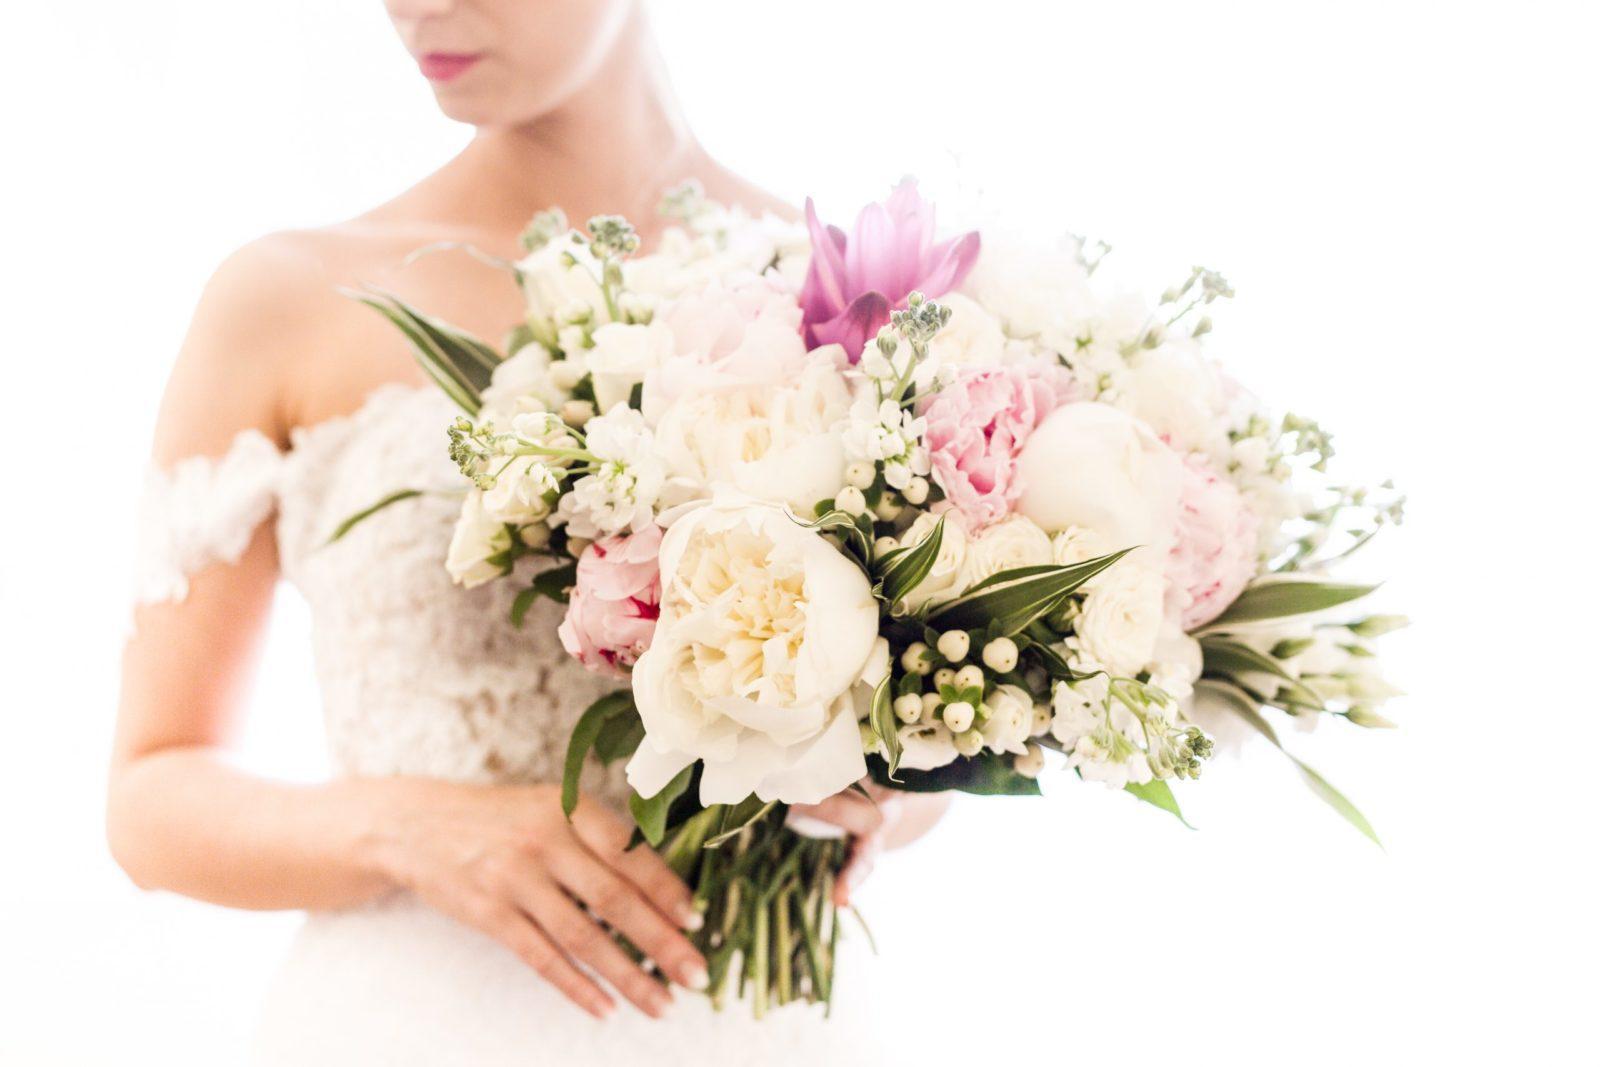 Nevesta drží kyticu uviazanú v bielo,ružových a zelených farbách.